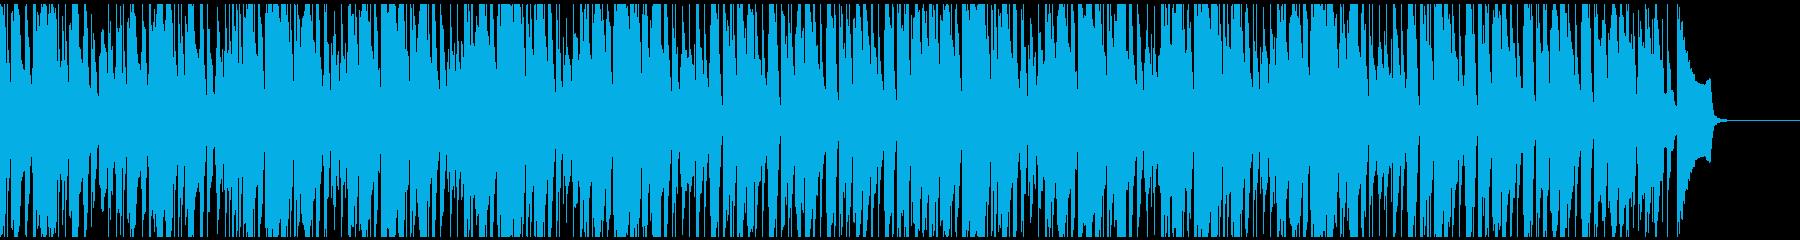 ダラーっとしてしまう日常の曲の再生済みの波形